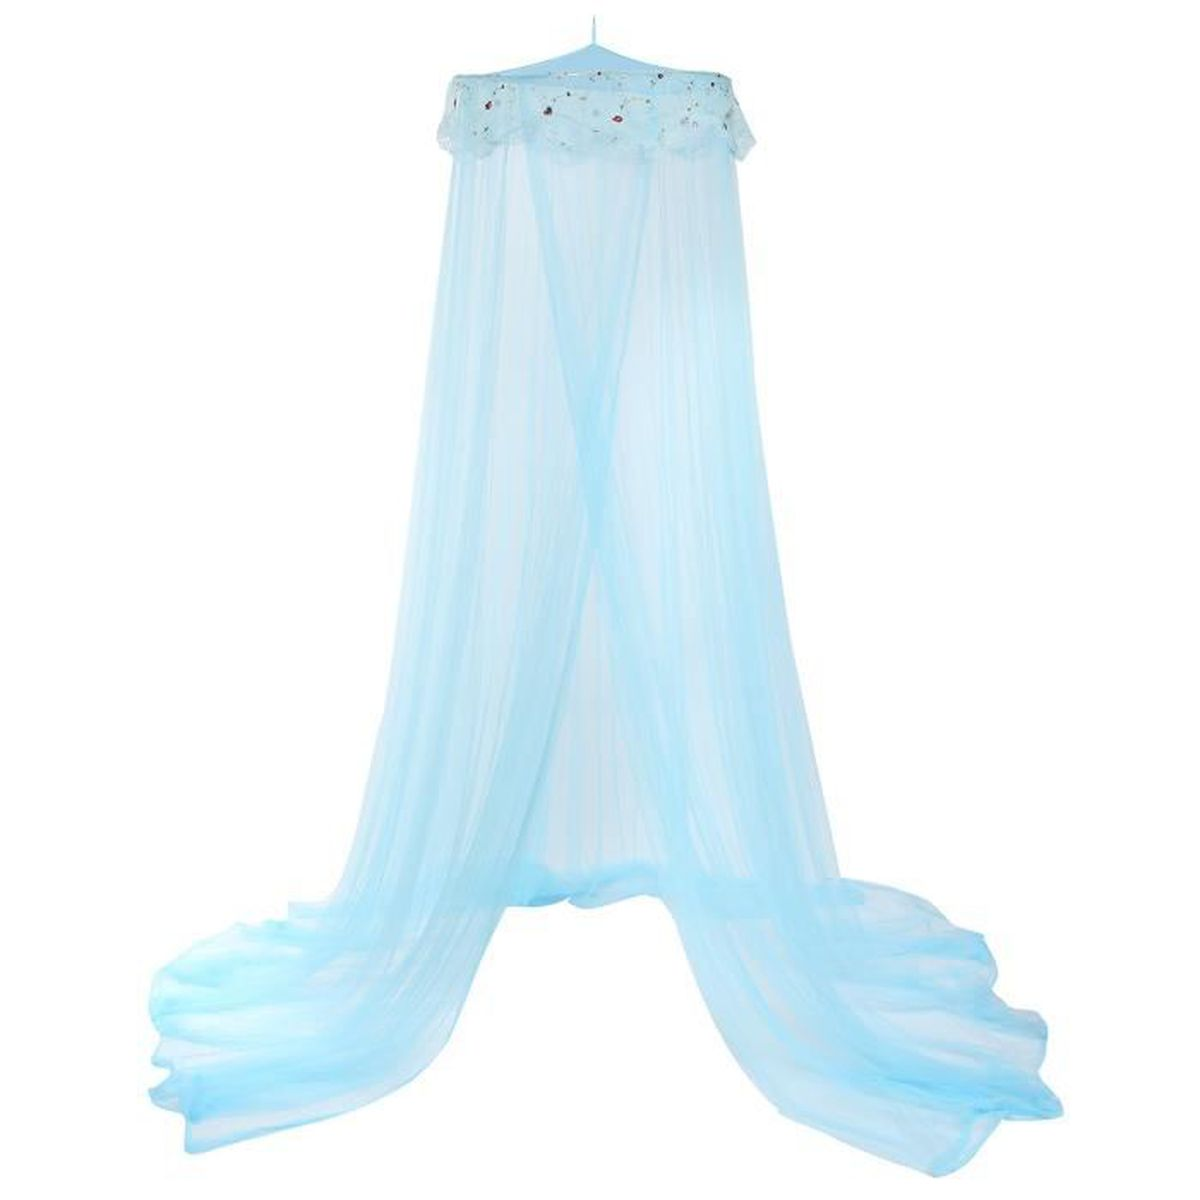 tempsa moustiquaire ciel de lit bleu clair achat vente moustiquaire de lit soldes cdiscount. Black Bedroom Furniture Sets. Home Design Ideas